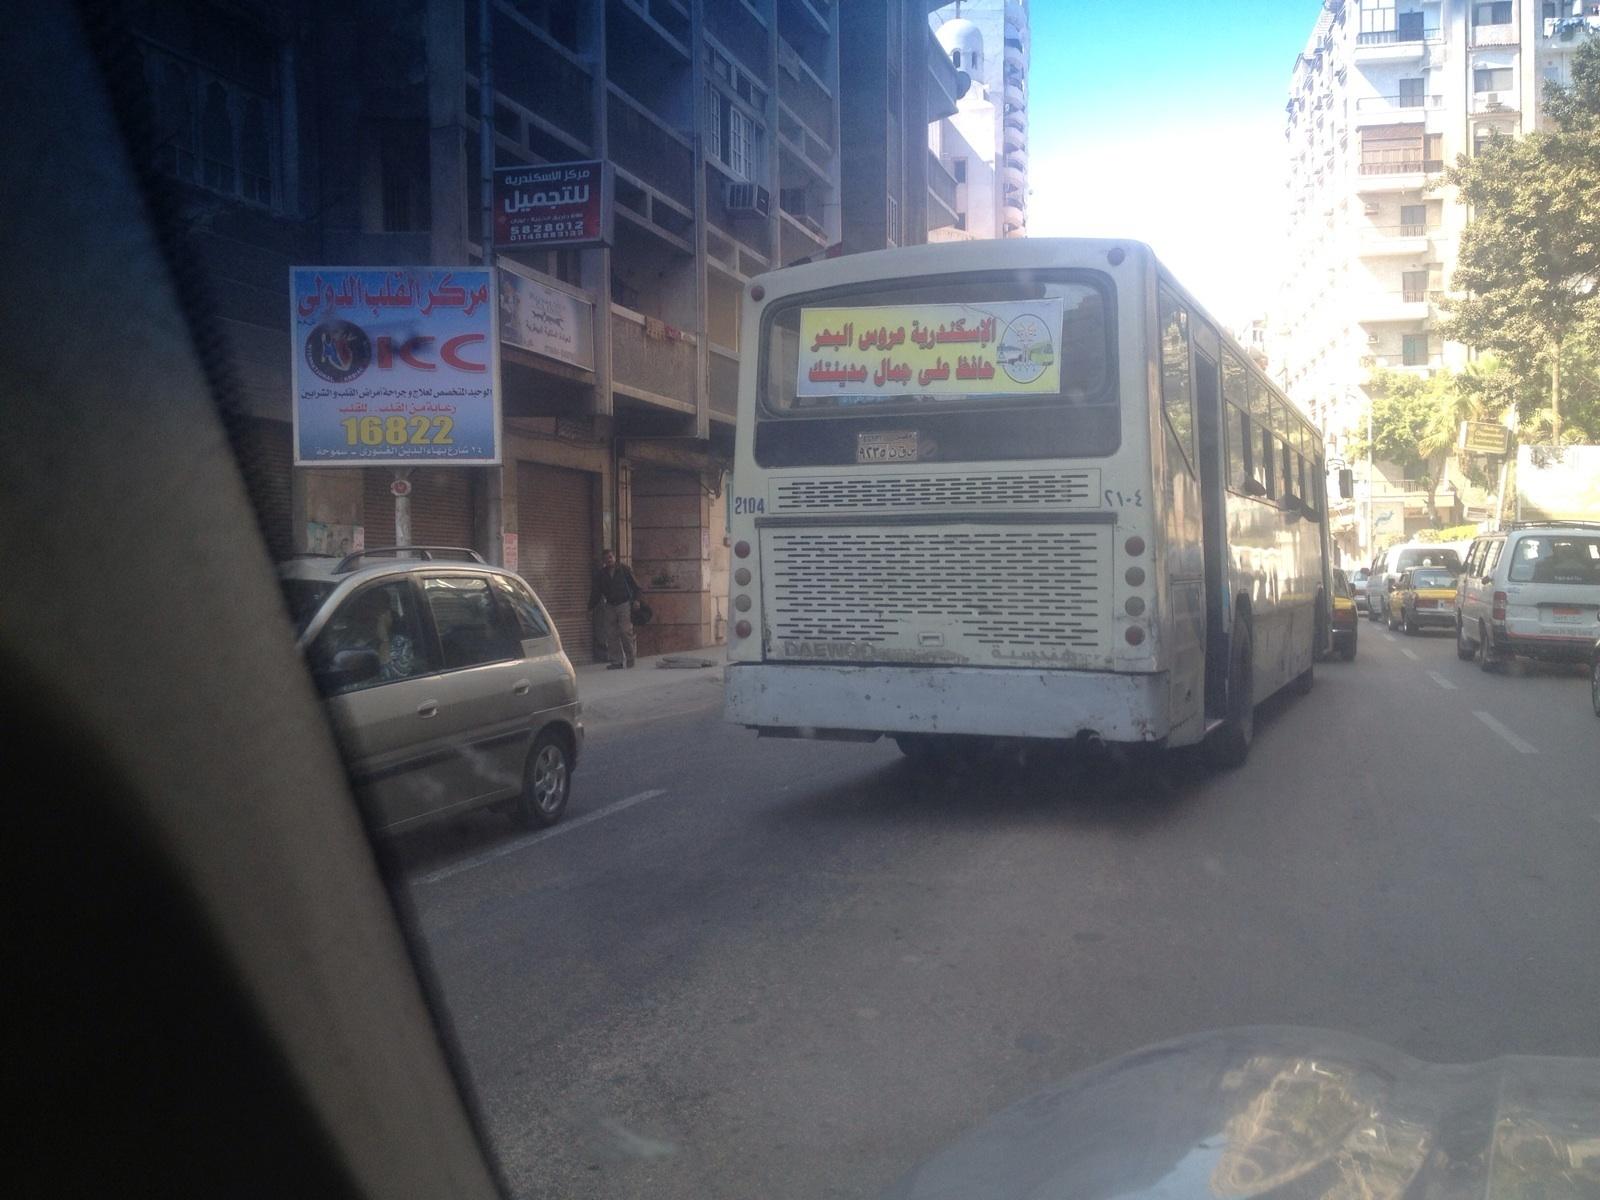 بالصور.. أتوبيس نقل عام بالإسكندرية يتخطى الزحام بالسير في الاتجاه المعاكس